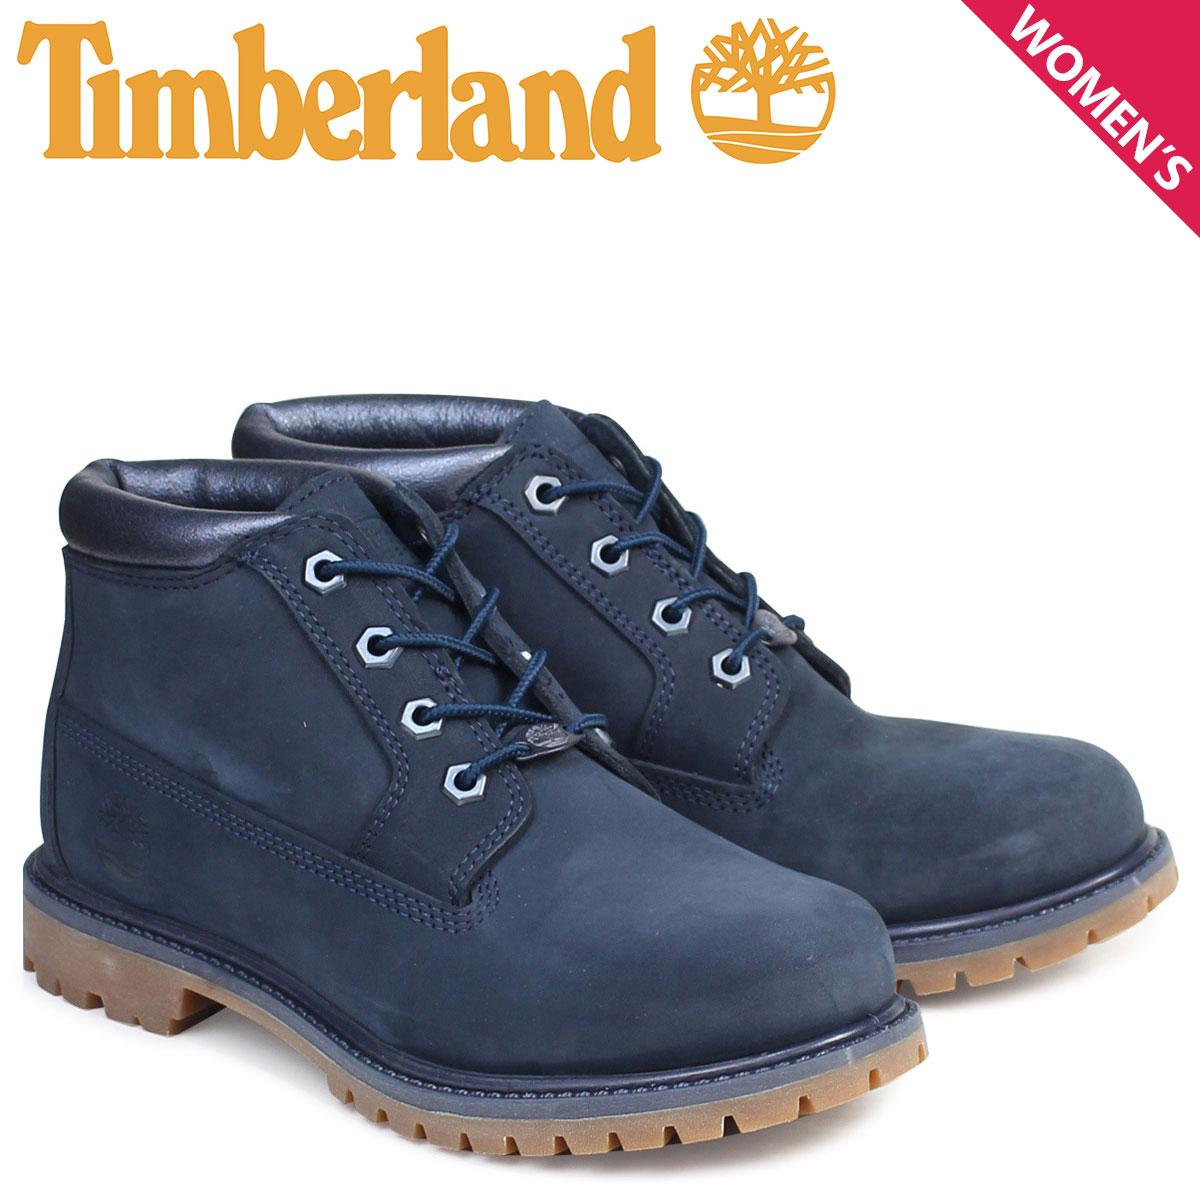 ティンバーランド チャッカ レディース Timberland ブーツ NELLIE CHUKKA DOUBLE WATERPROOF BOOTS A1K9I Wワイズ ネリー ダブル ネイビー 防水